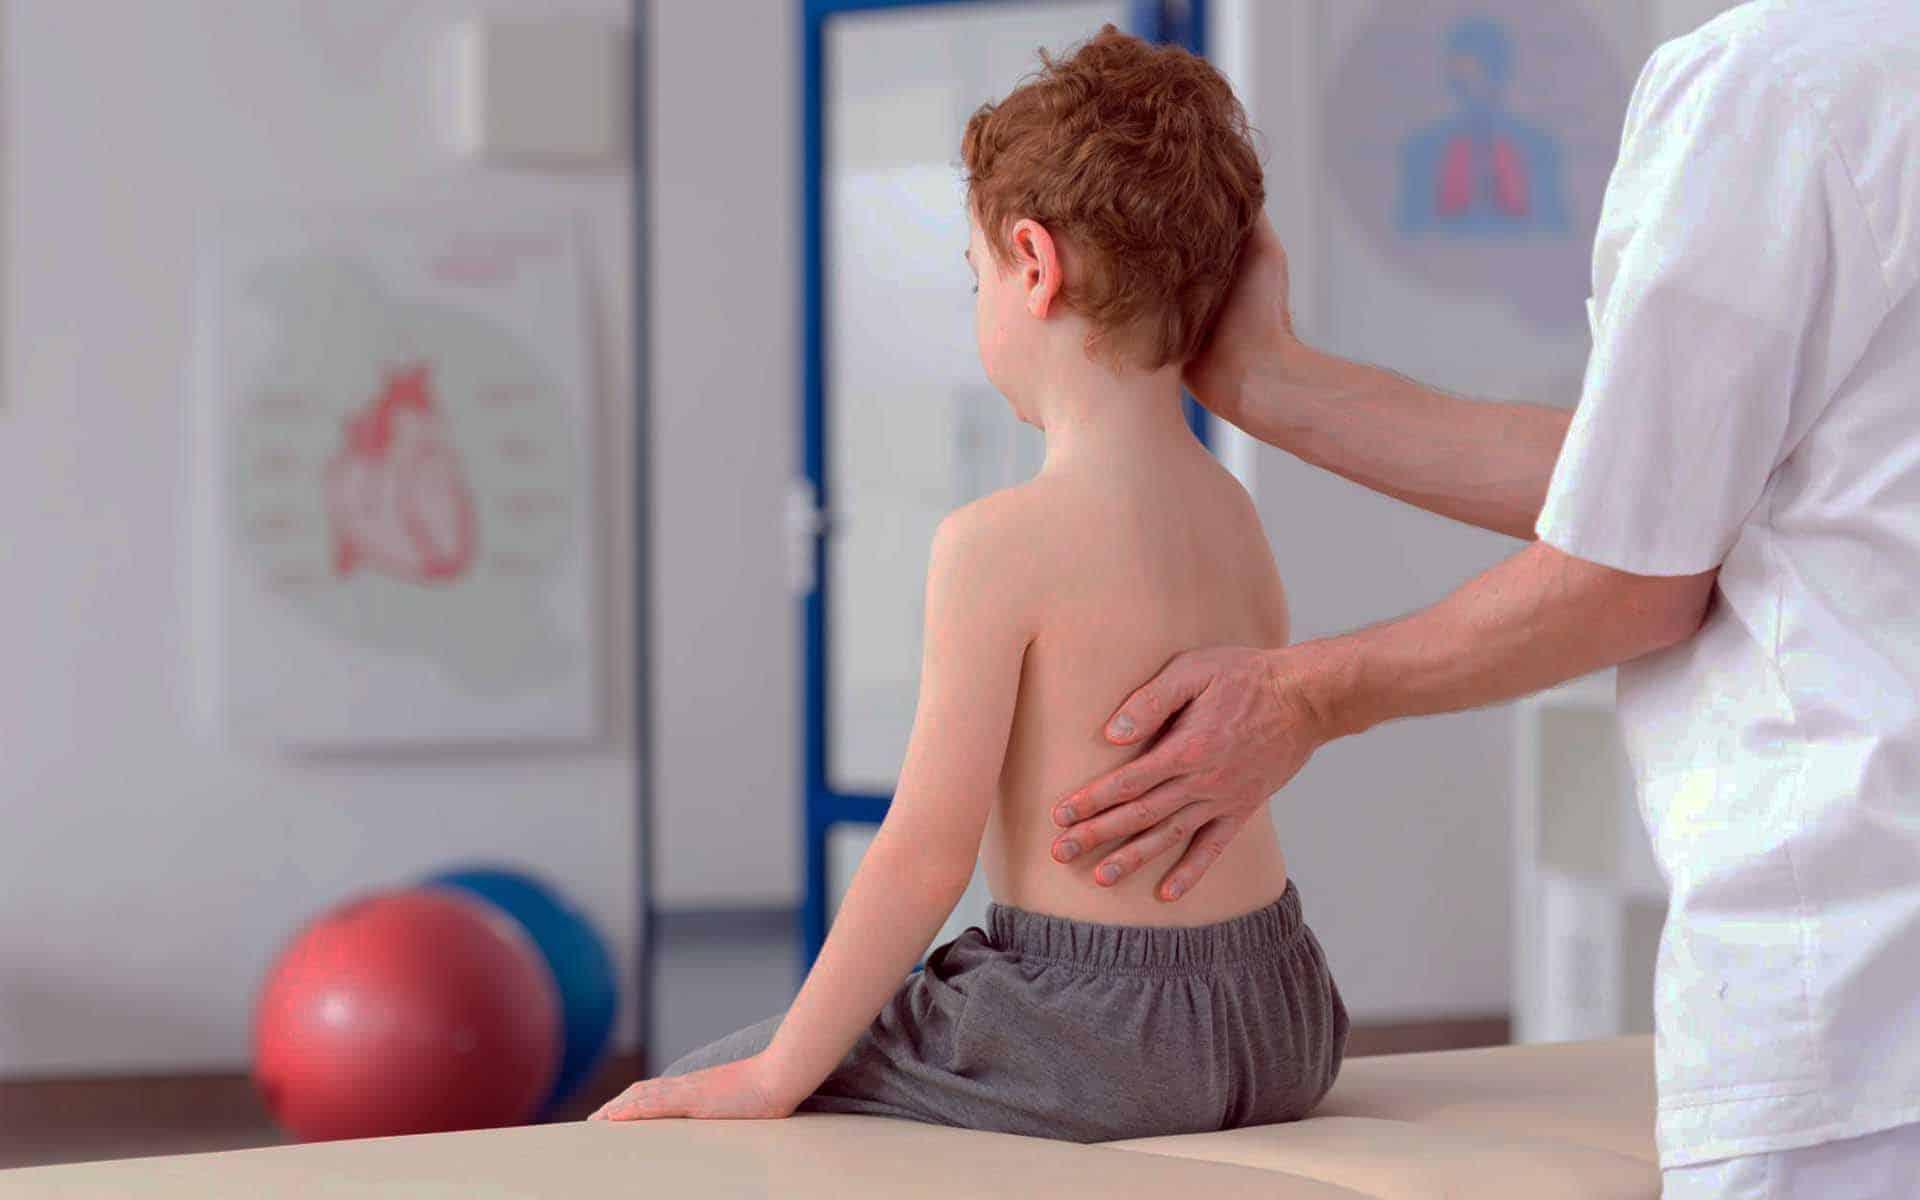 Сколиоз у детей. причины, симптомы, лечение и профилактика сколиоза   здоровье детей